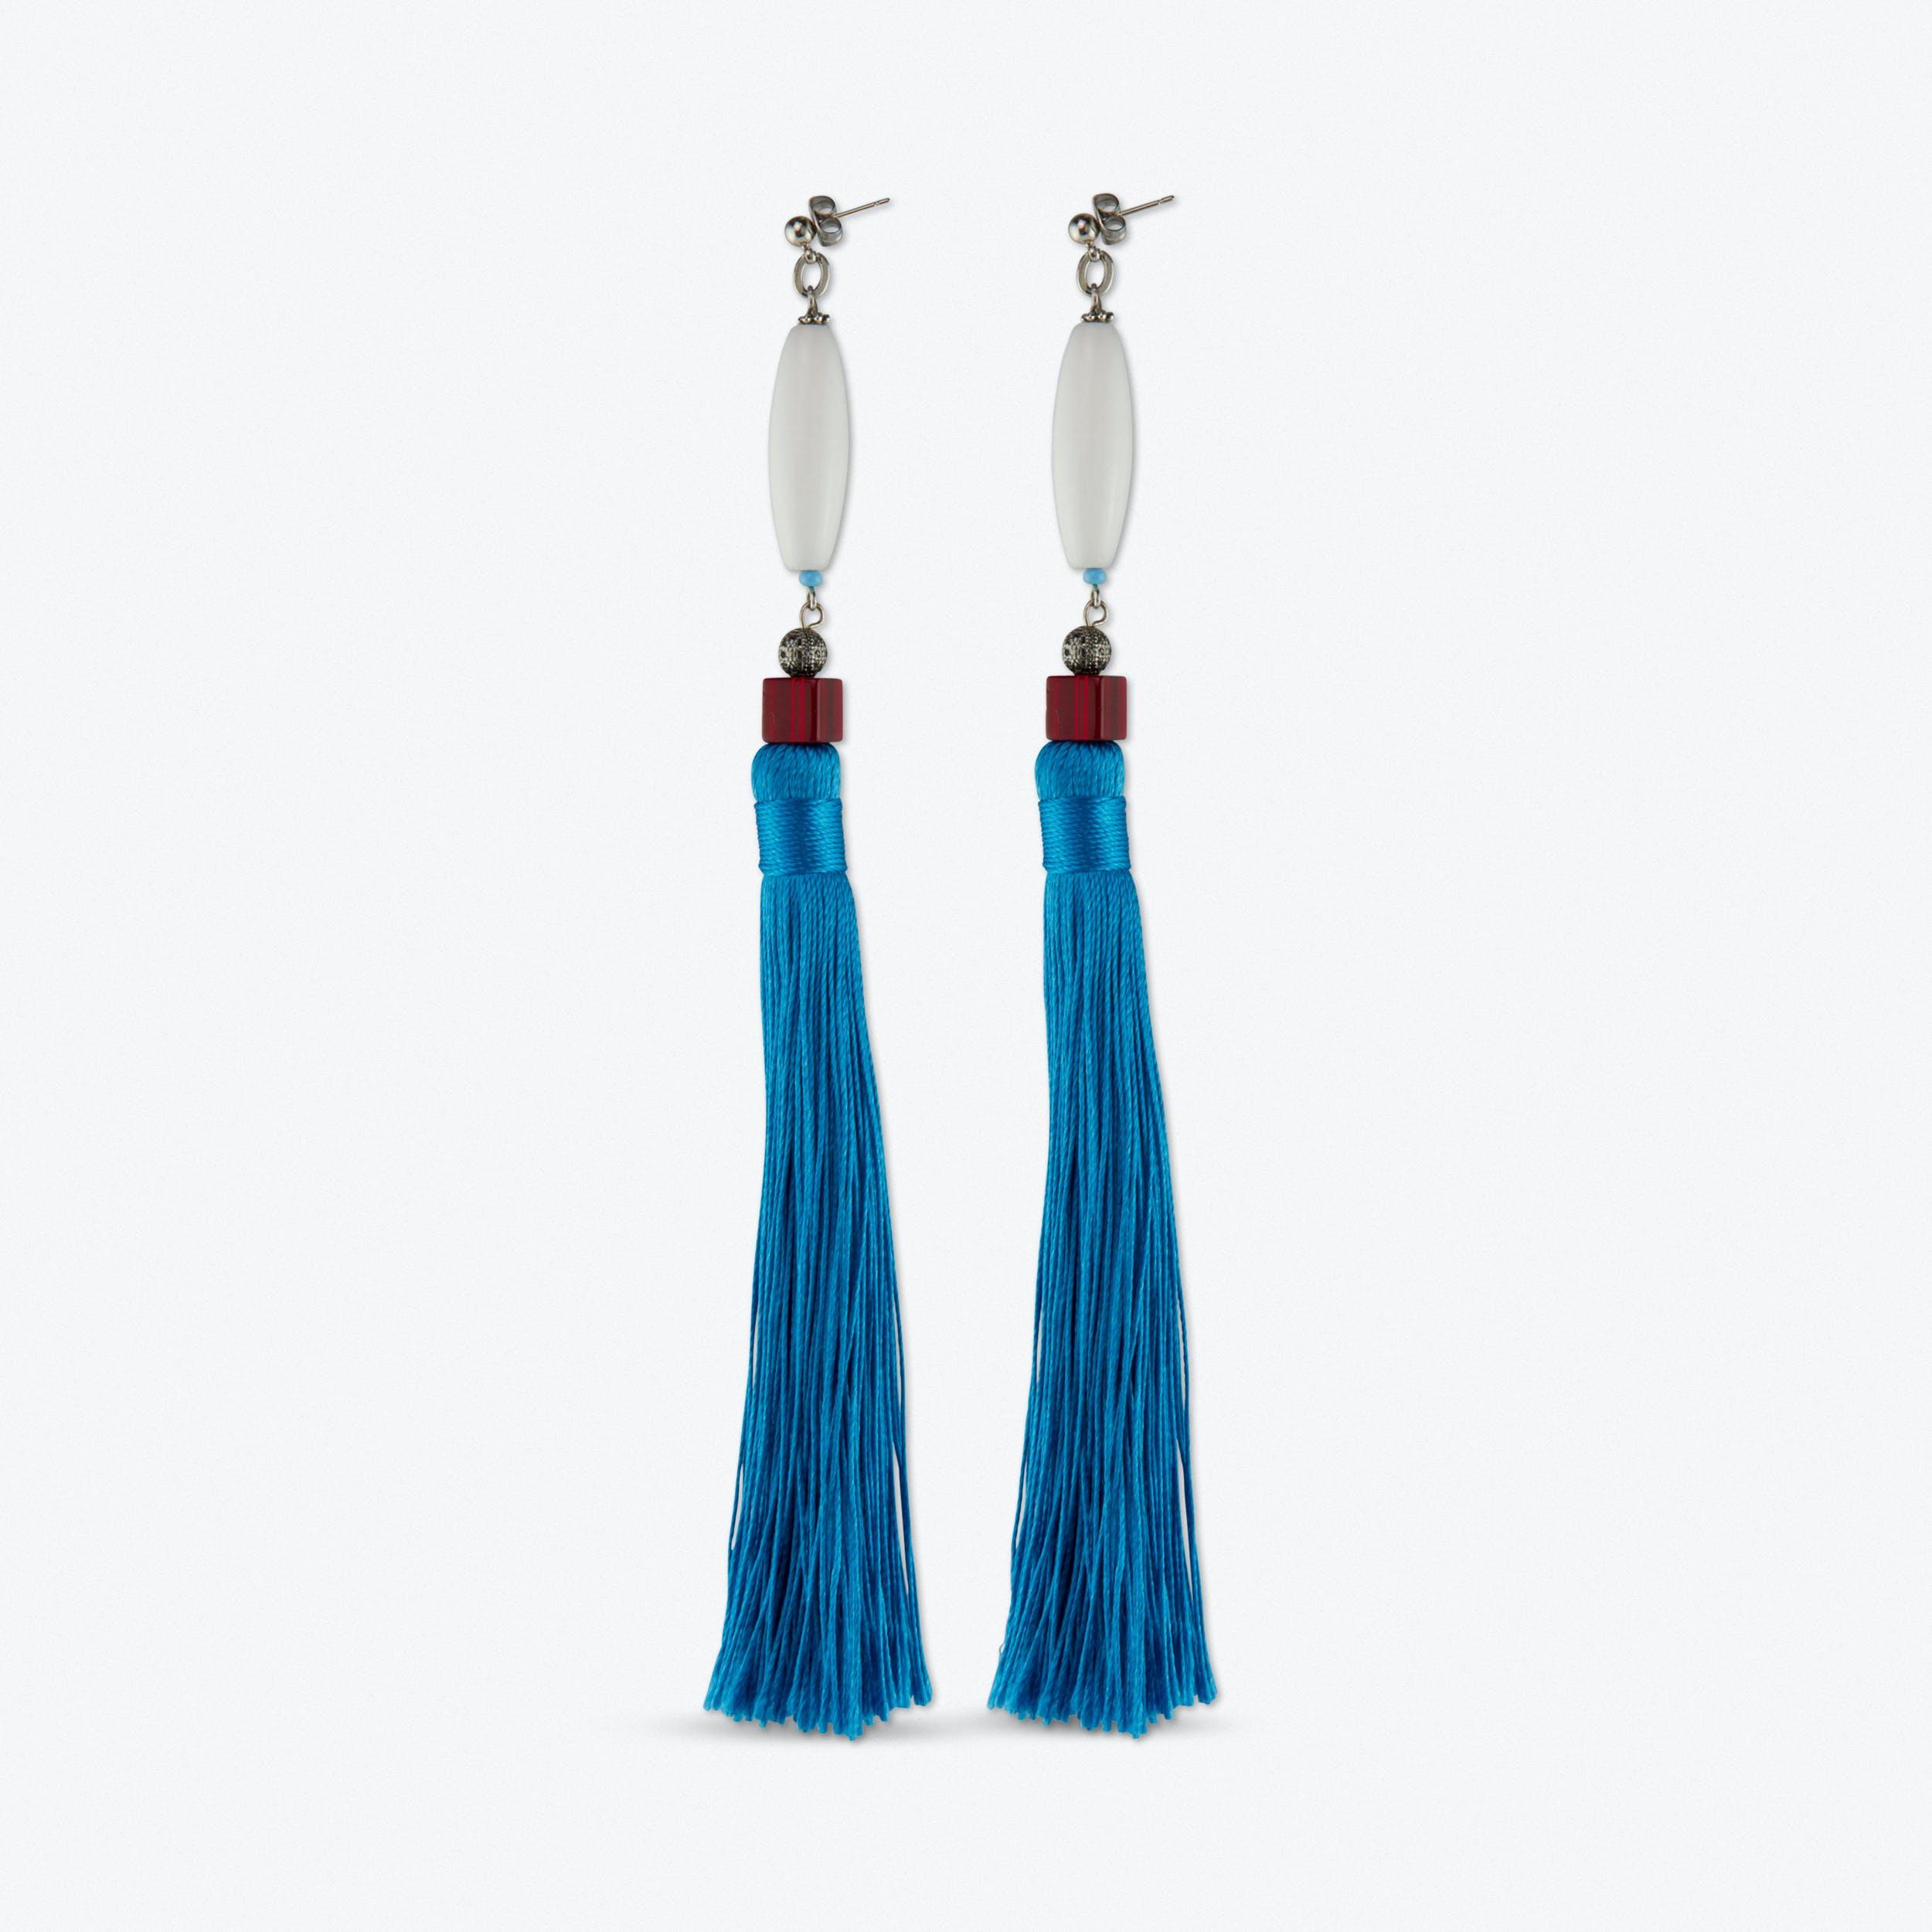 White Stone and Blue Tassel Earrings